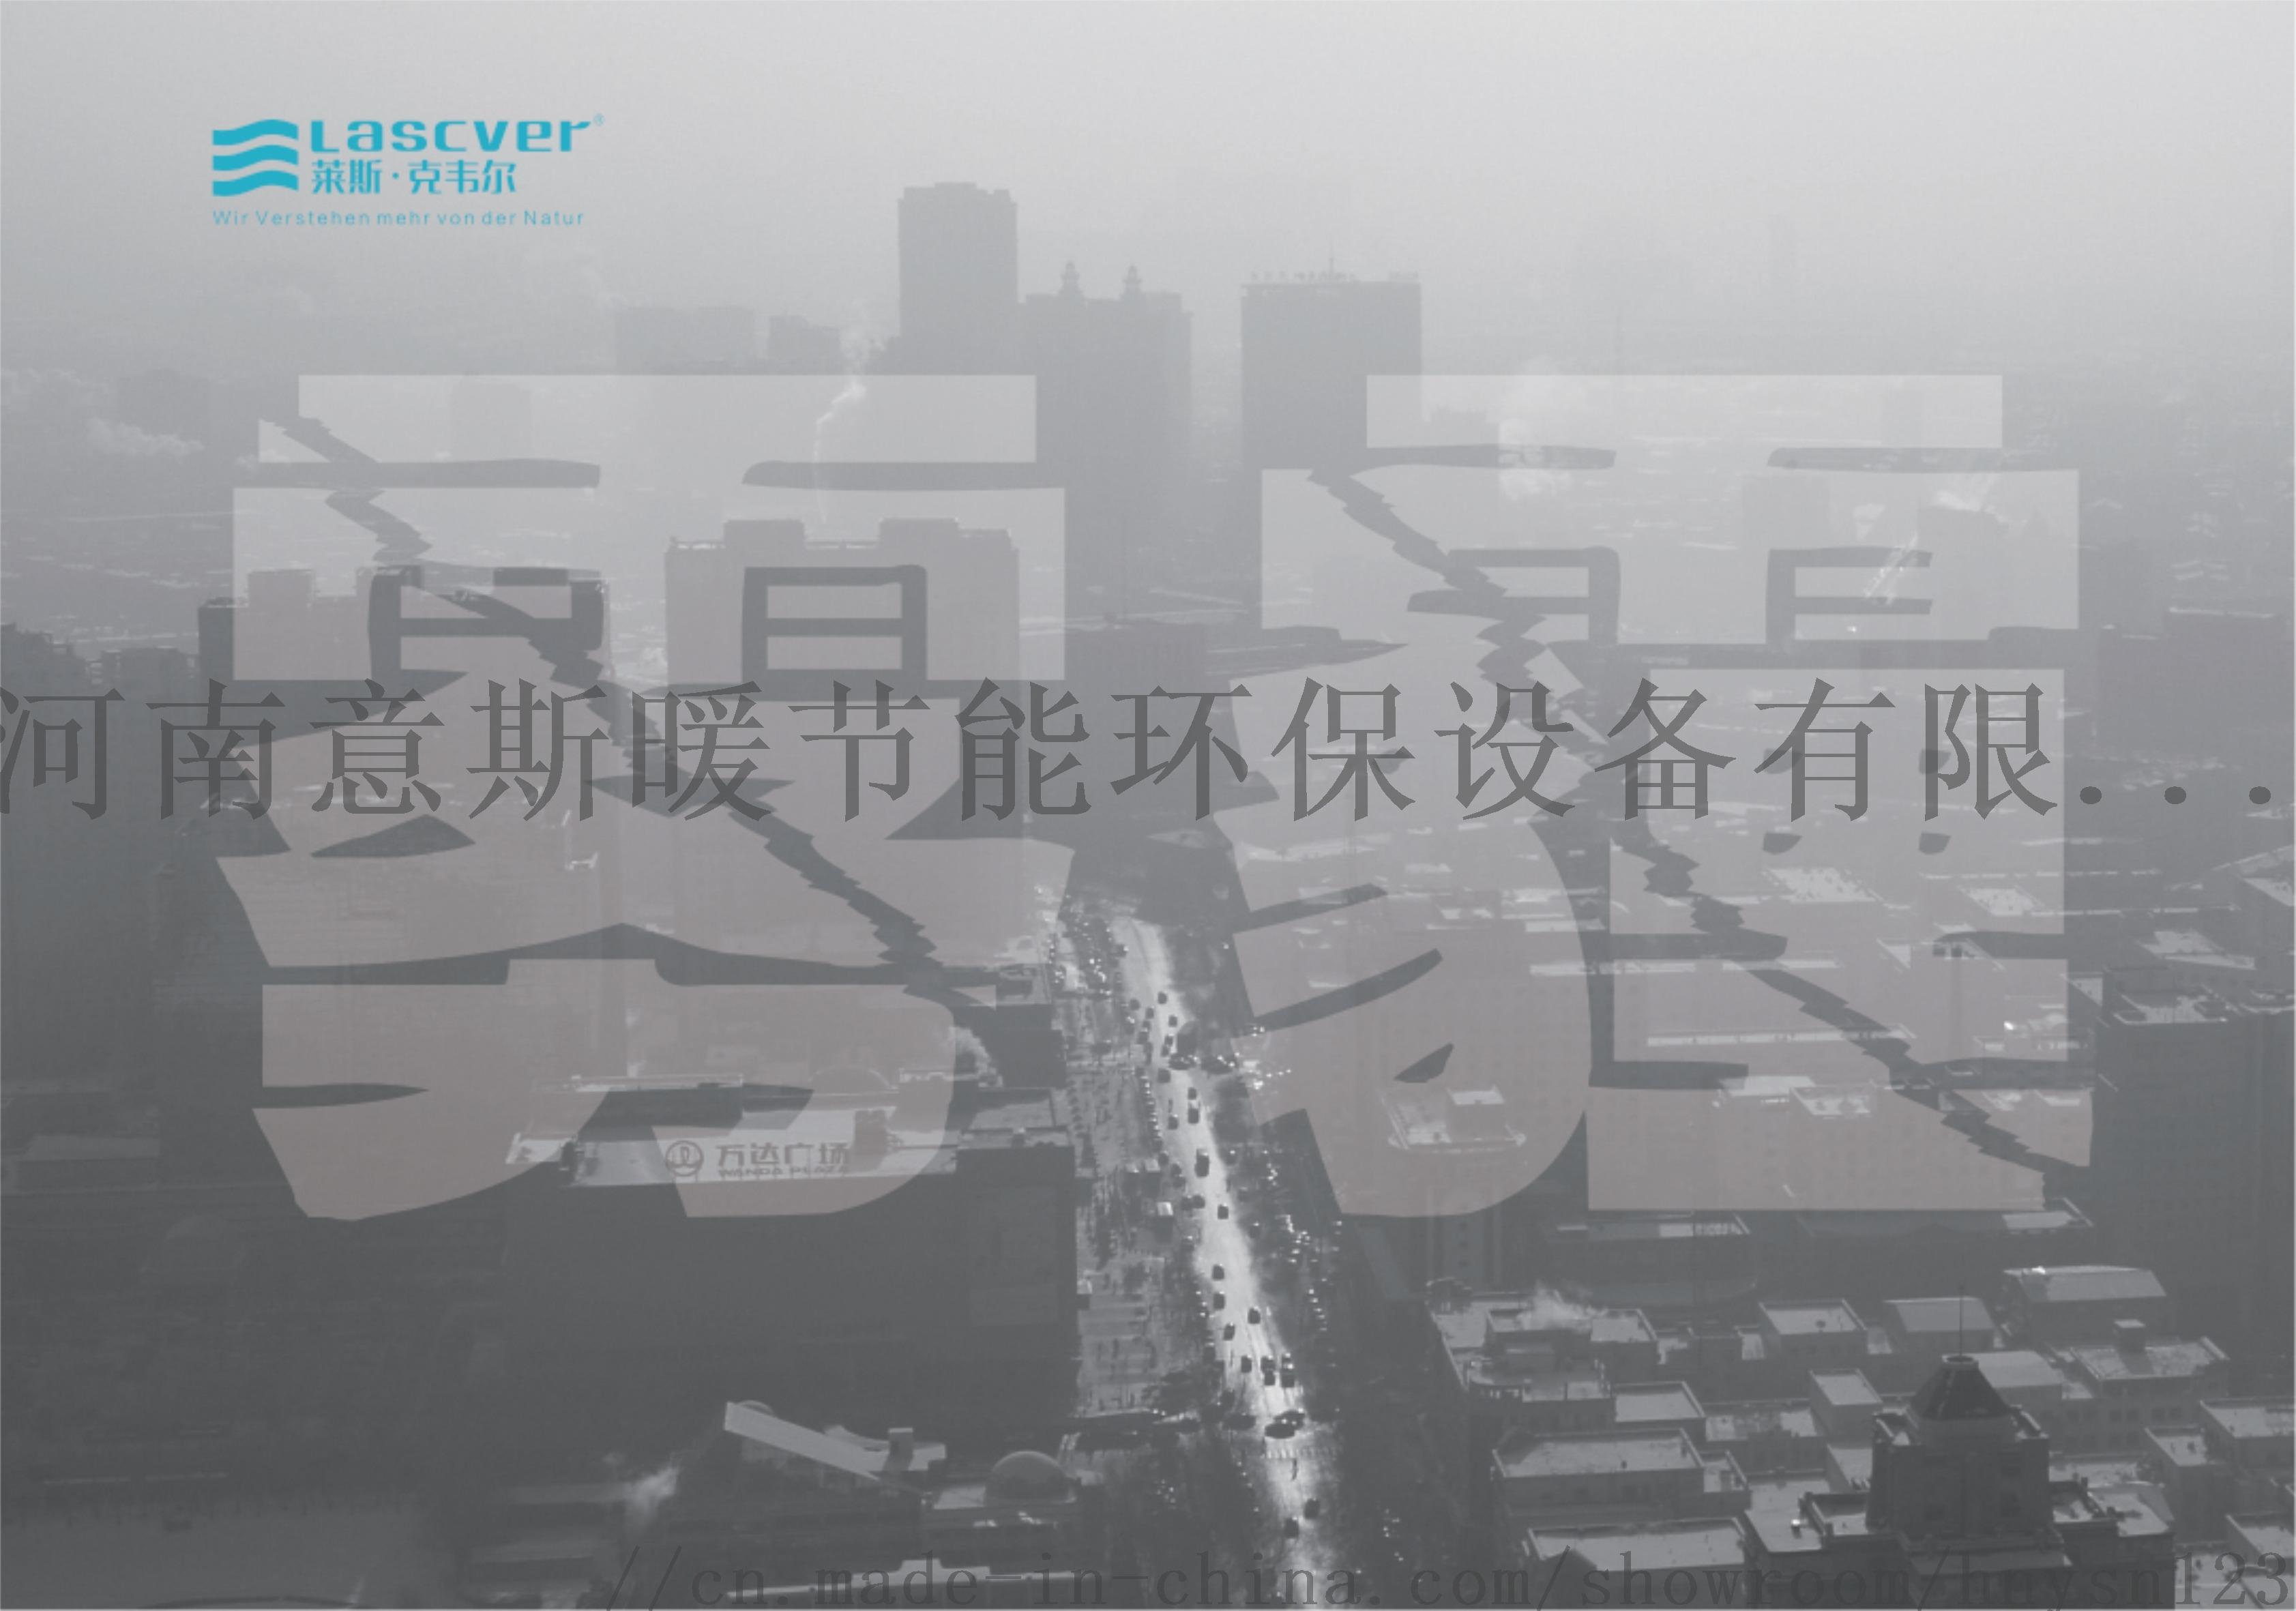 鄭州新風系統廠家萊斯·克韋爾全國區域招商中105471695